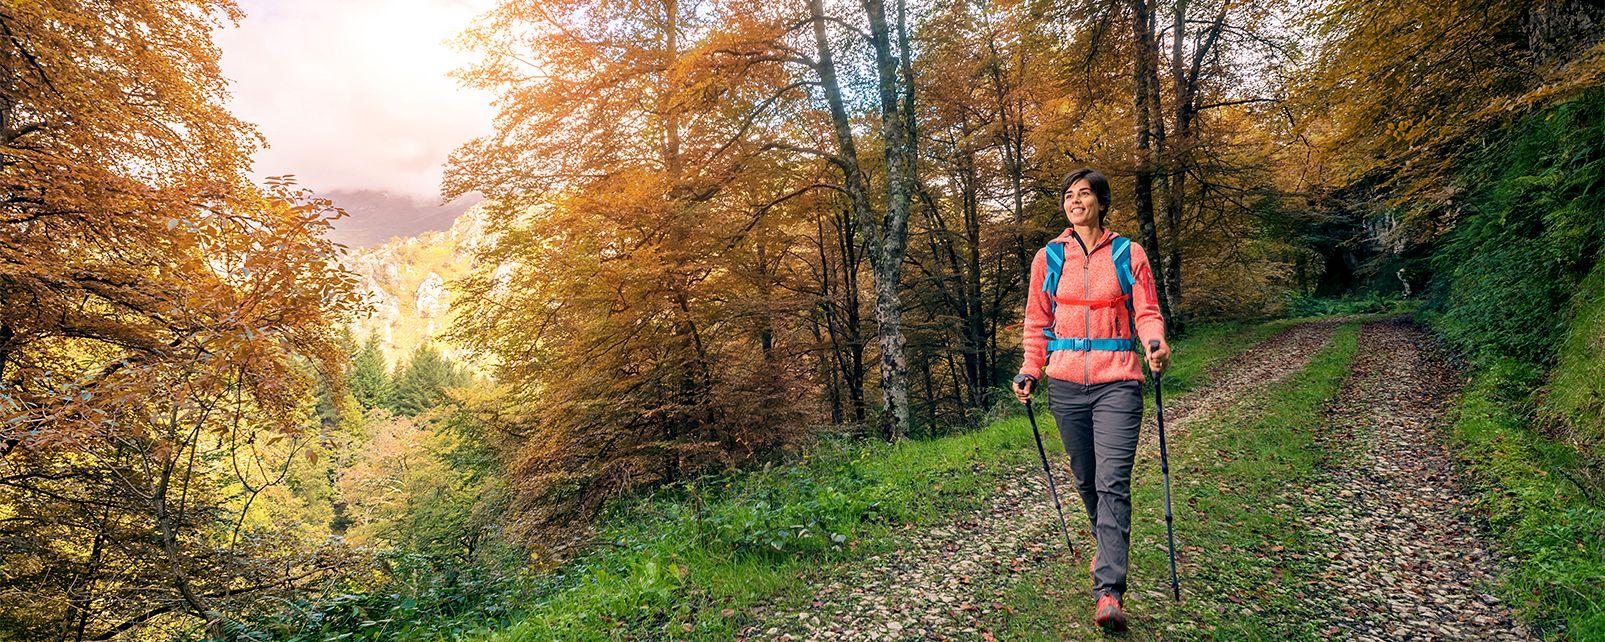 Les randonnées, Les activités et les loisirs, Asturies